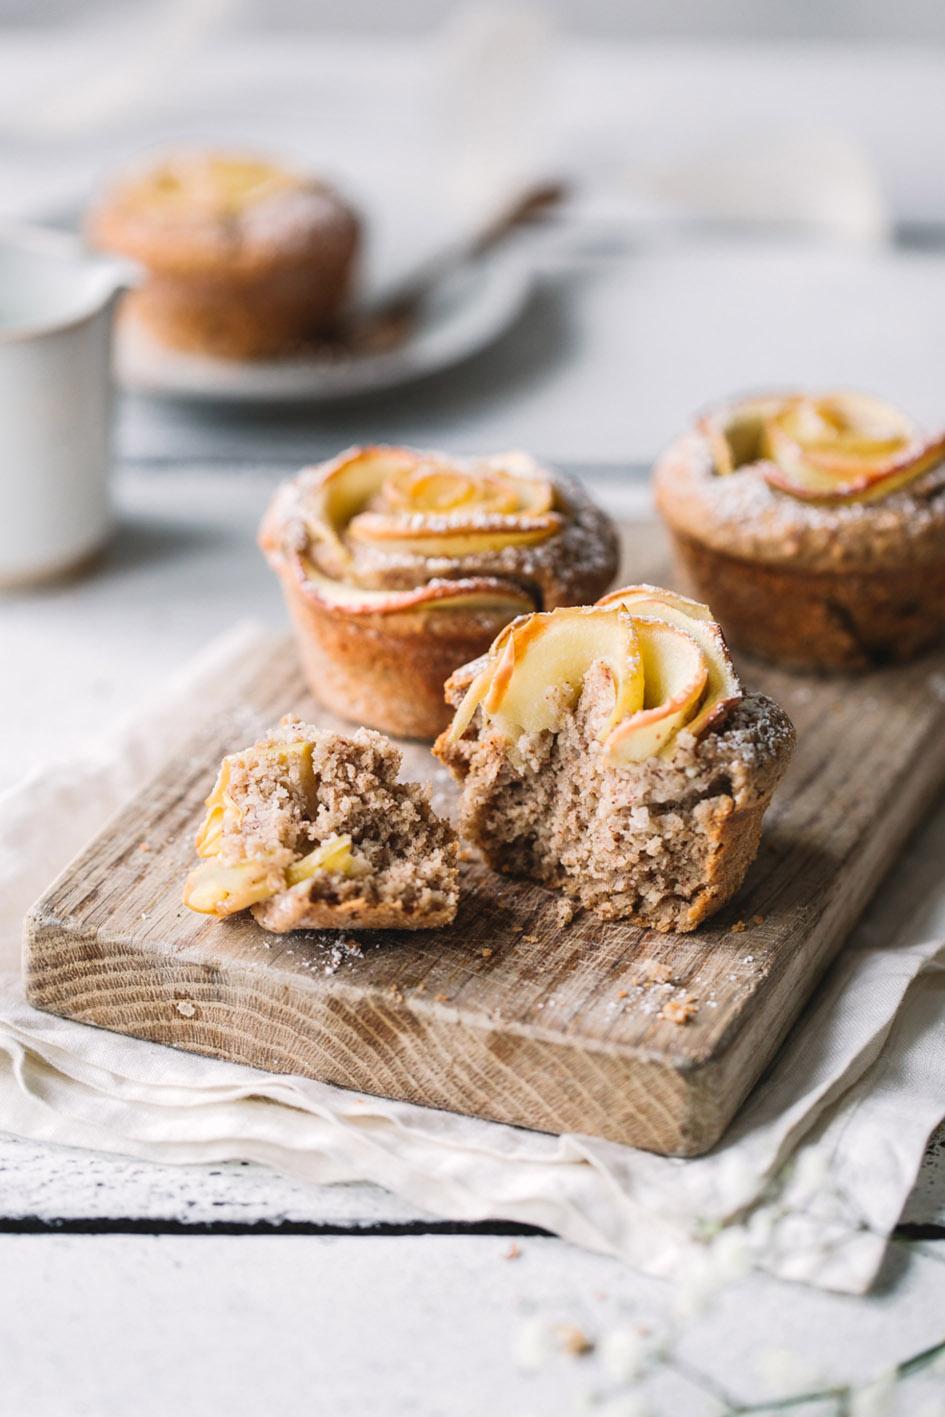 Apfelrosen-Muffin aus gesunden Zutaten